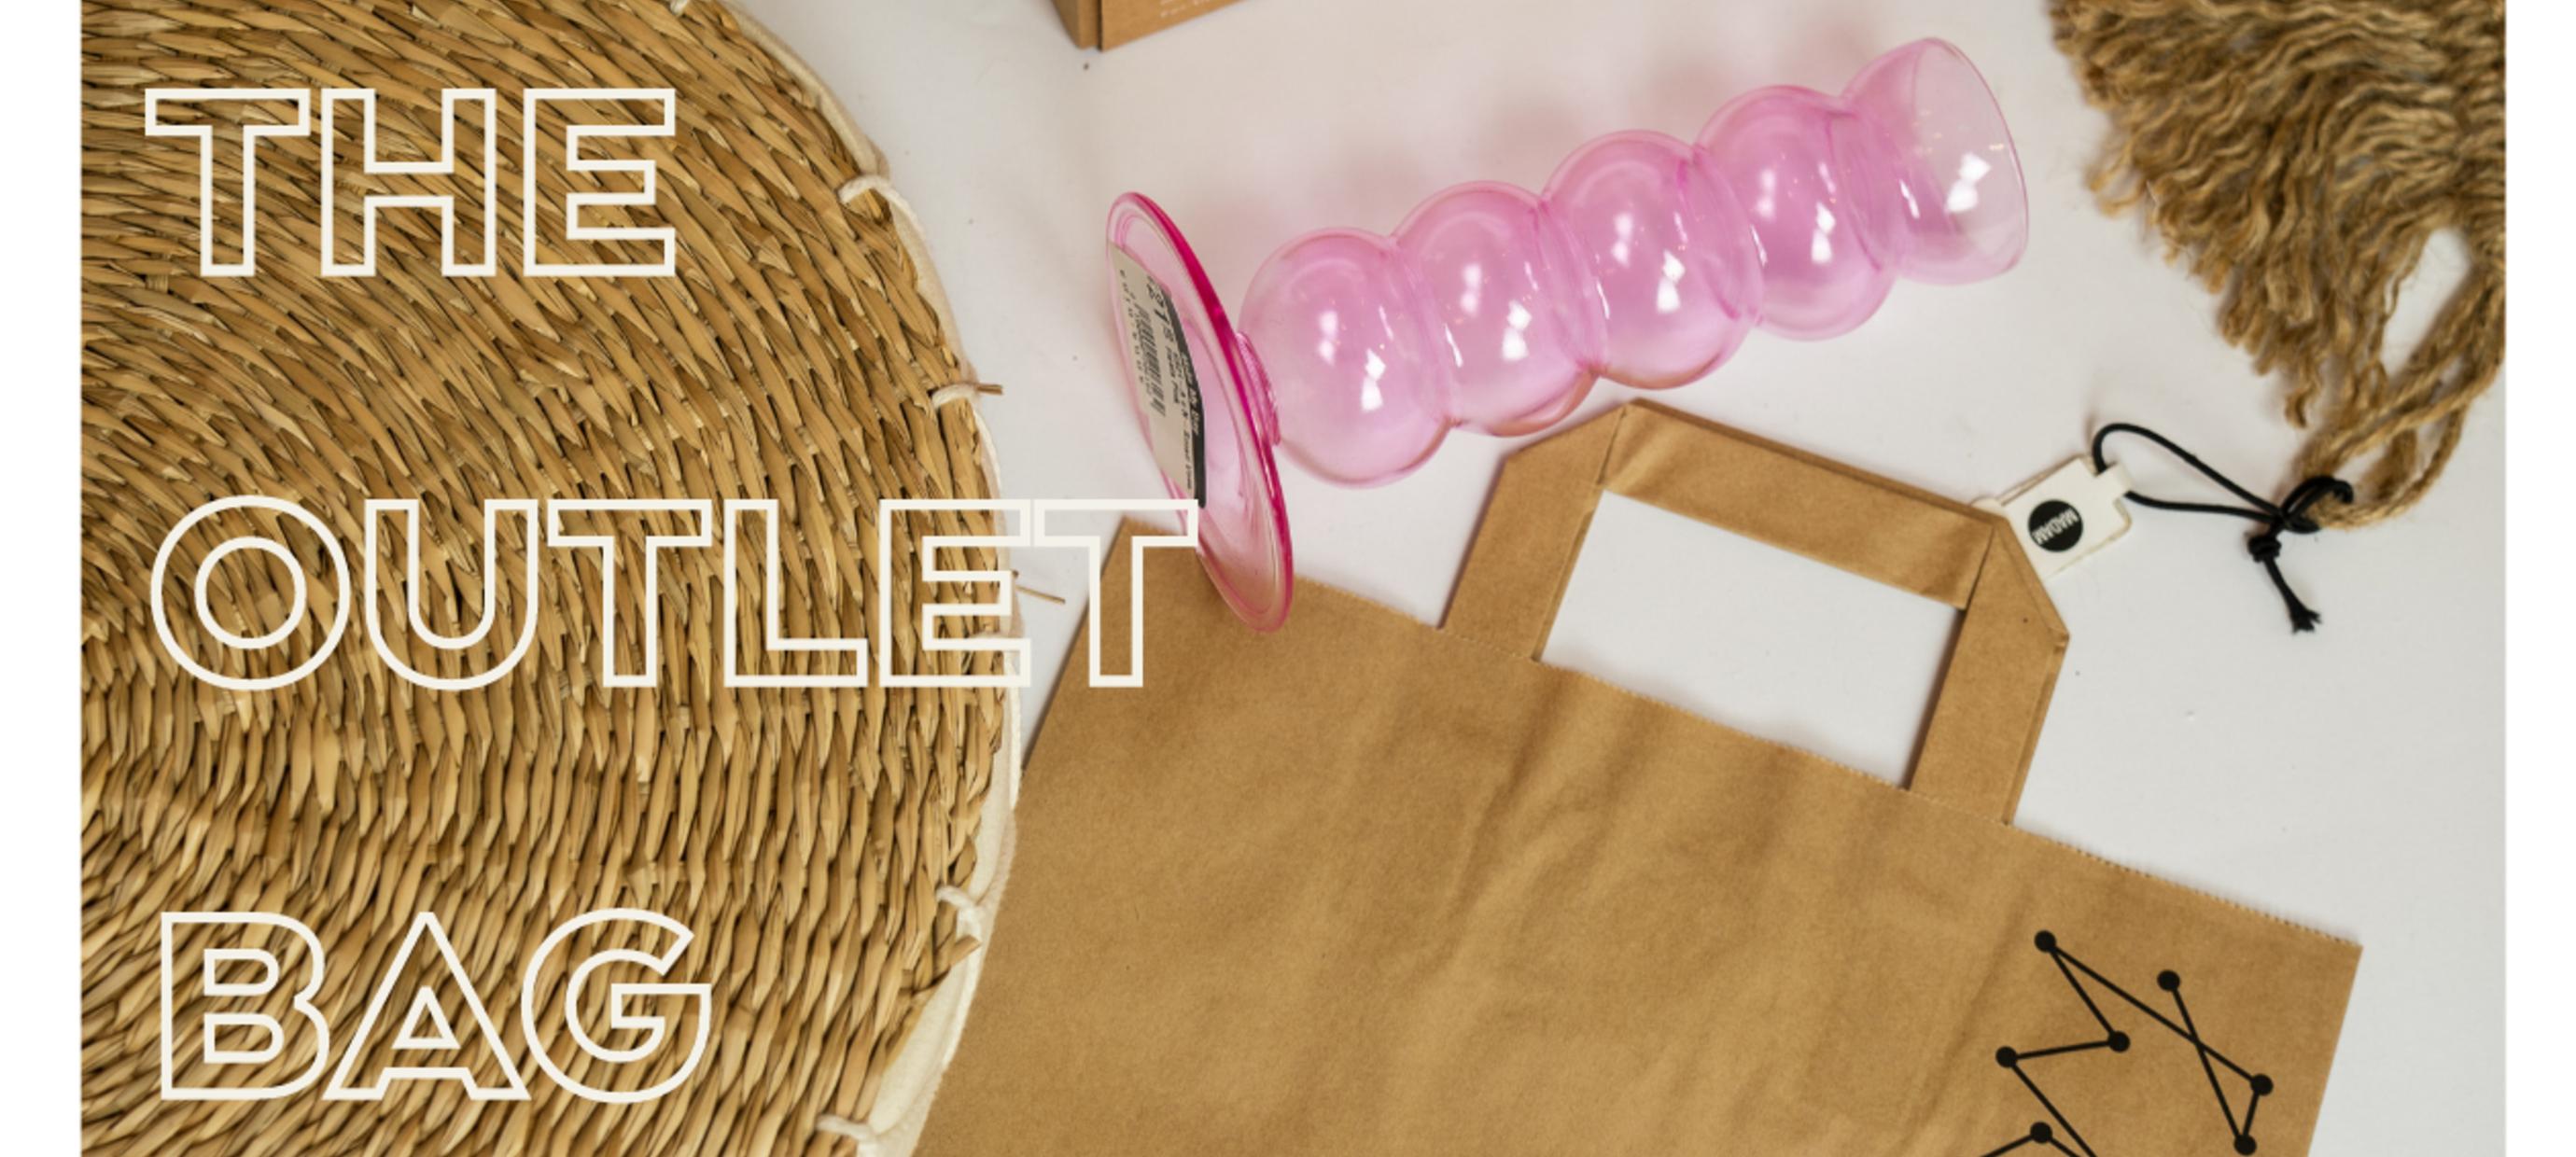 Surprise bag: onze outlet bag is back!